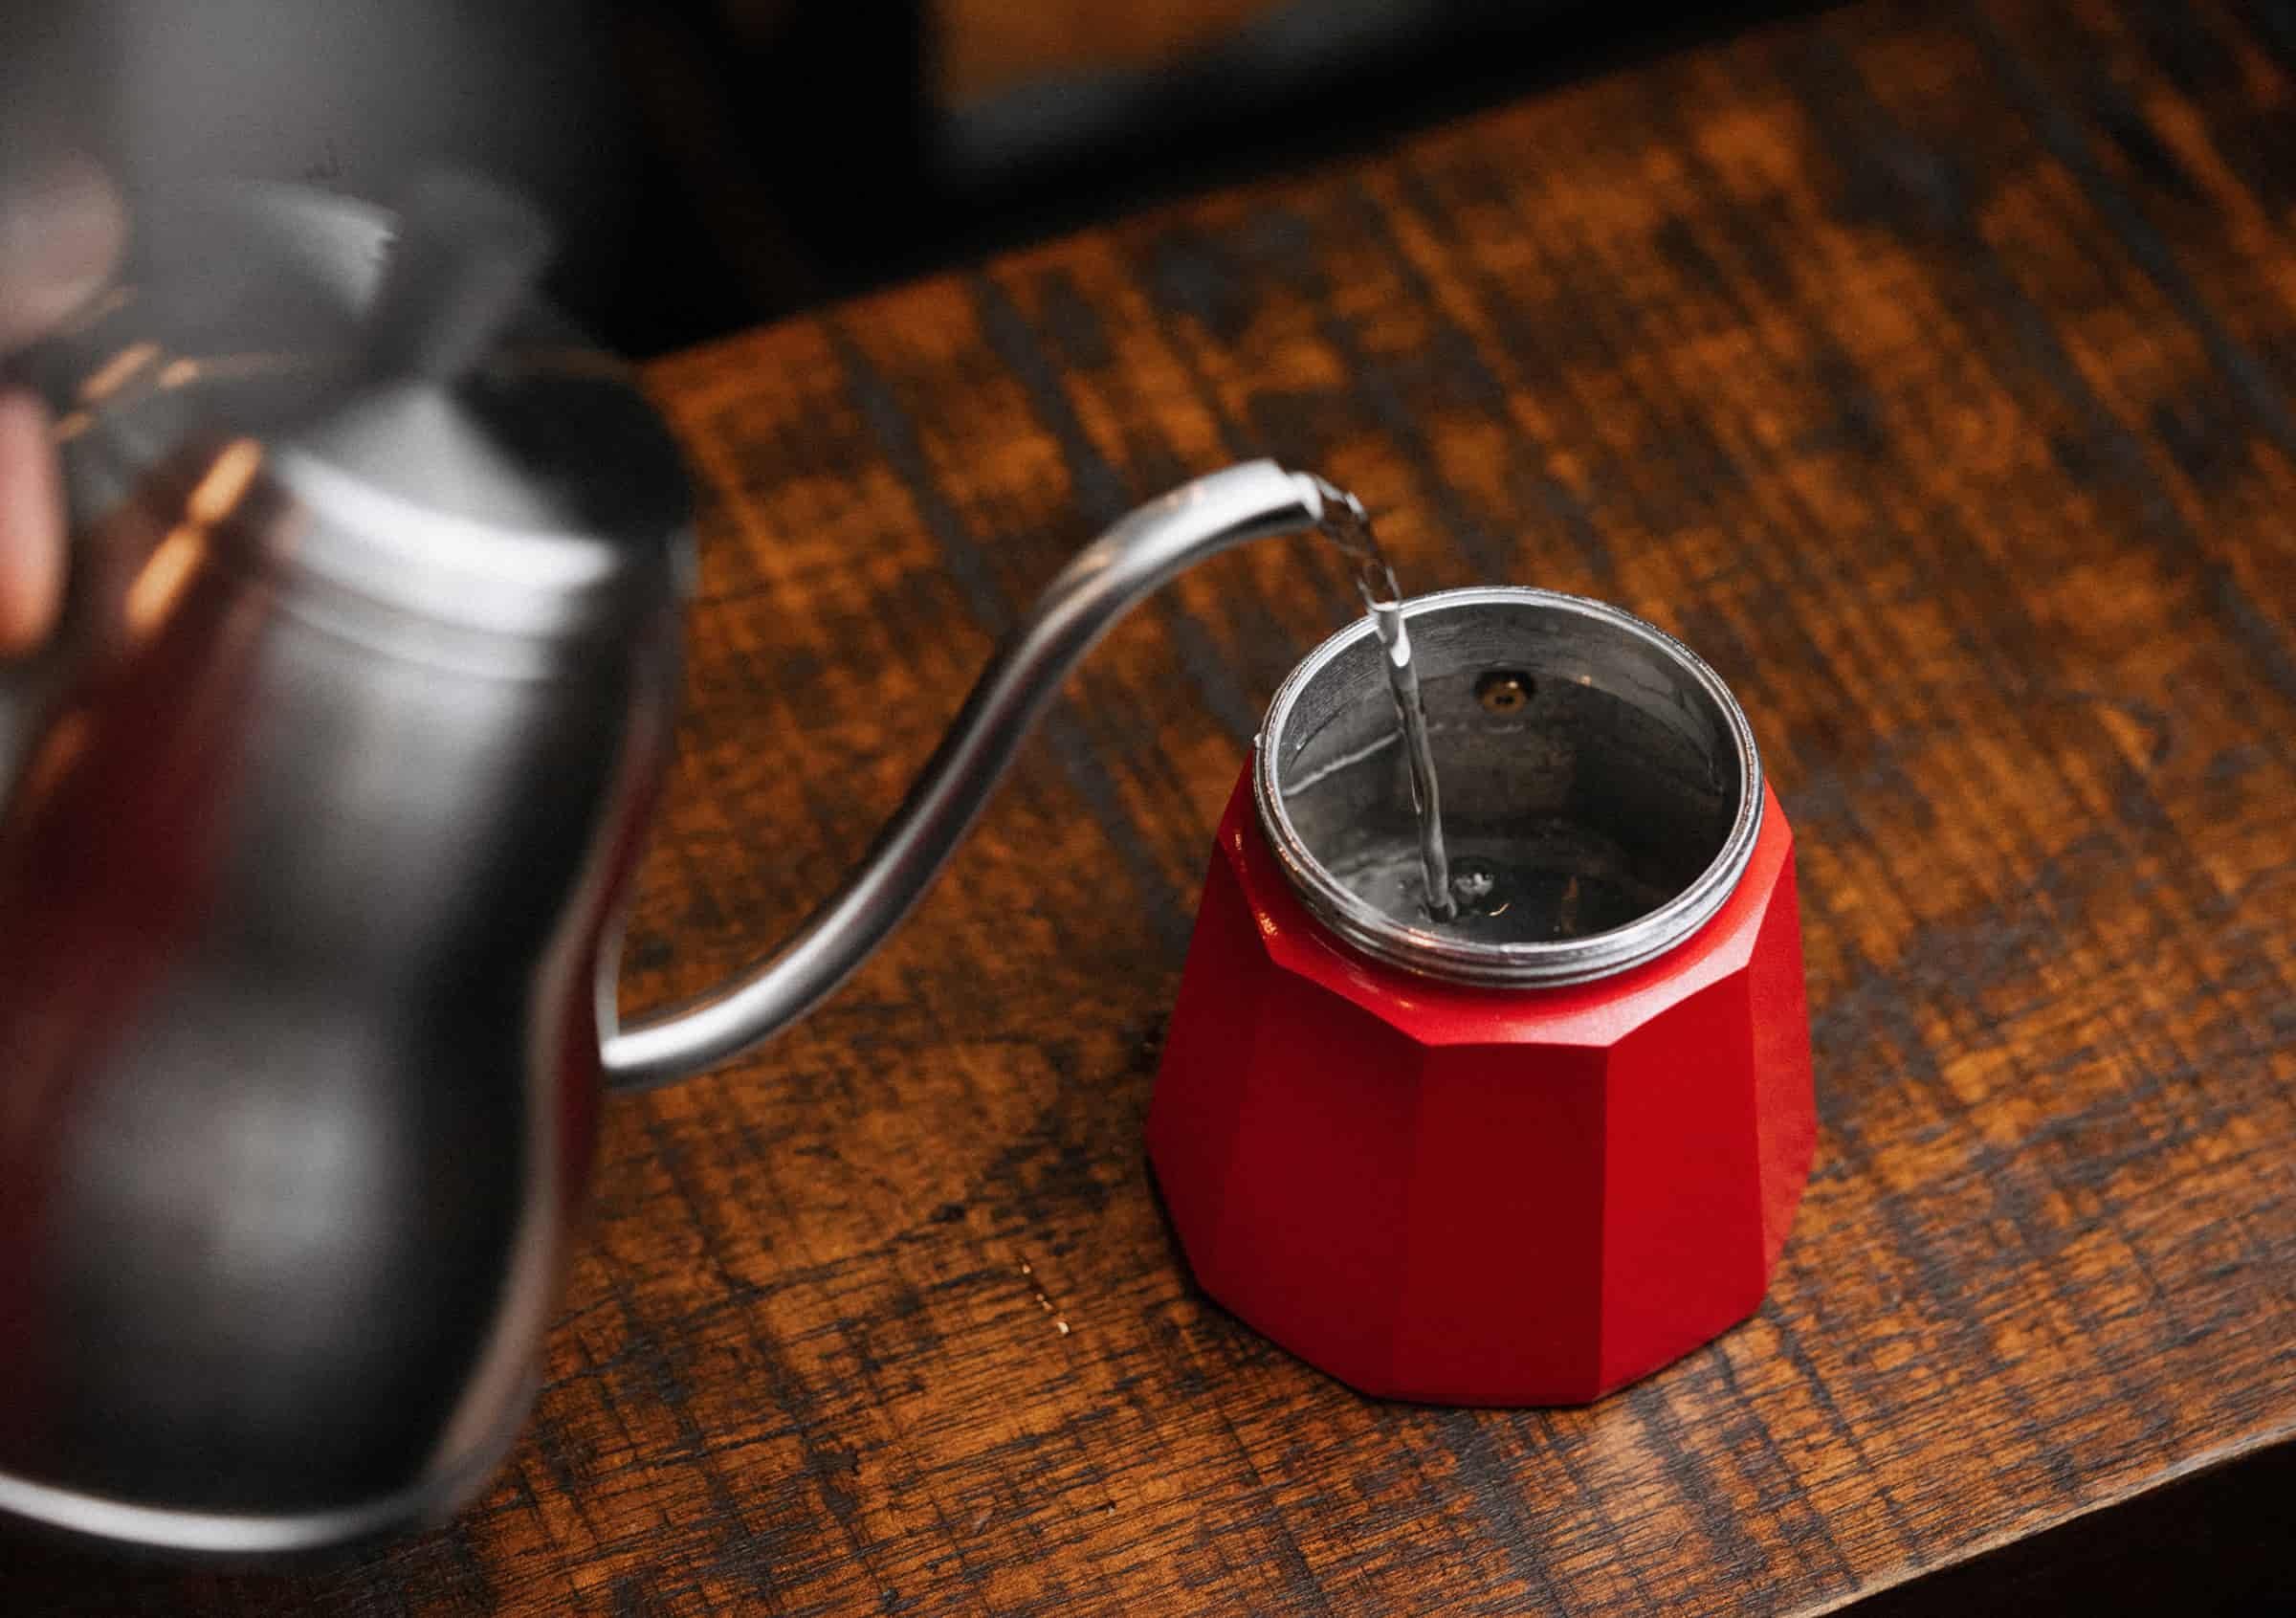 Fill the boiler pot